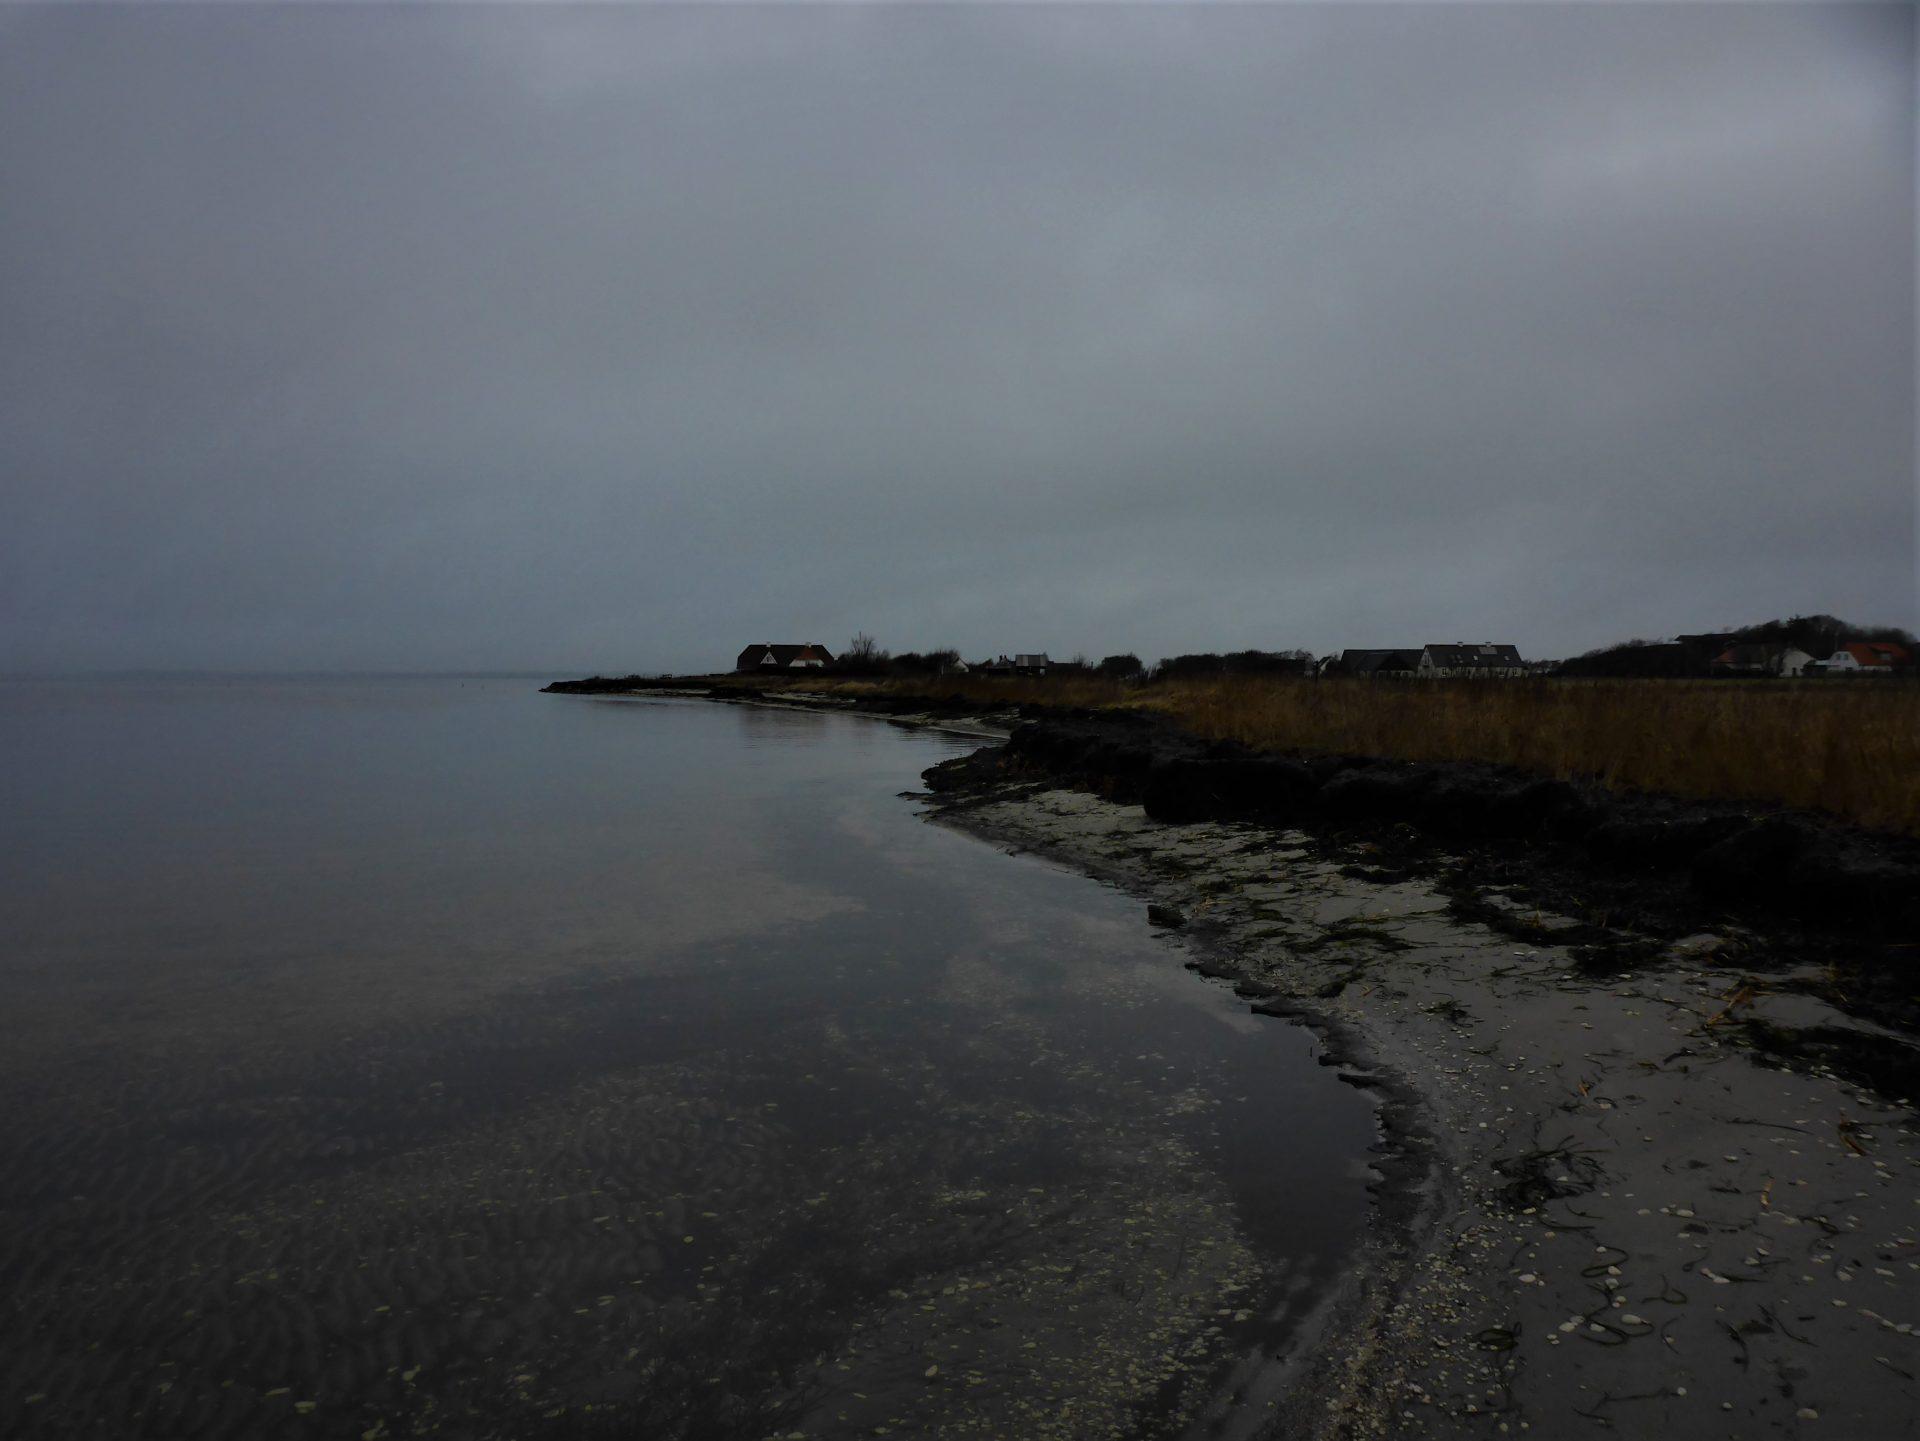 Klitgårds Fiskerleje er en spændende fiskeplads nær Nibe, til lystfiskeri efter havørred i Limfjorden.